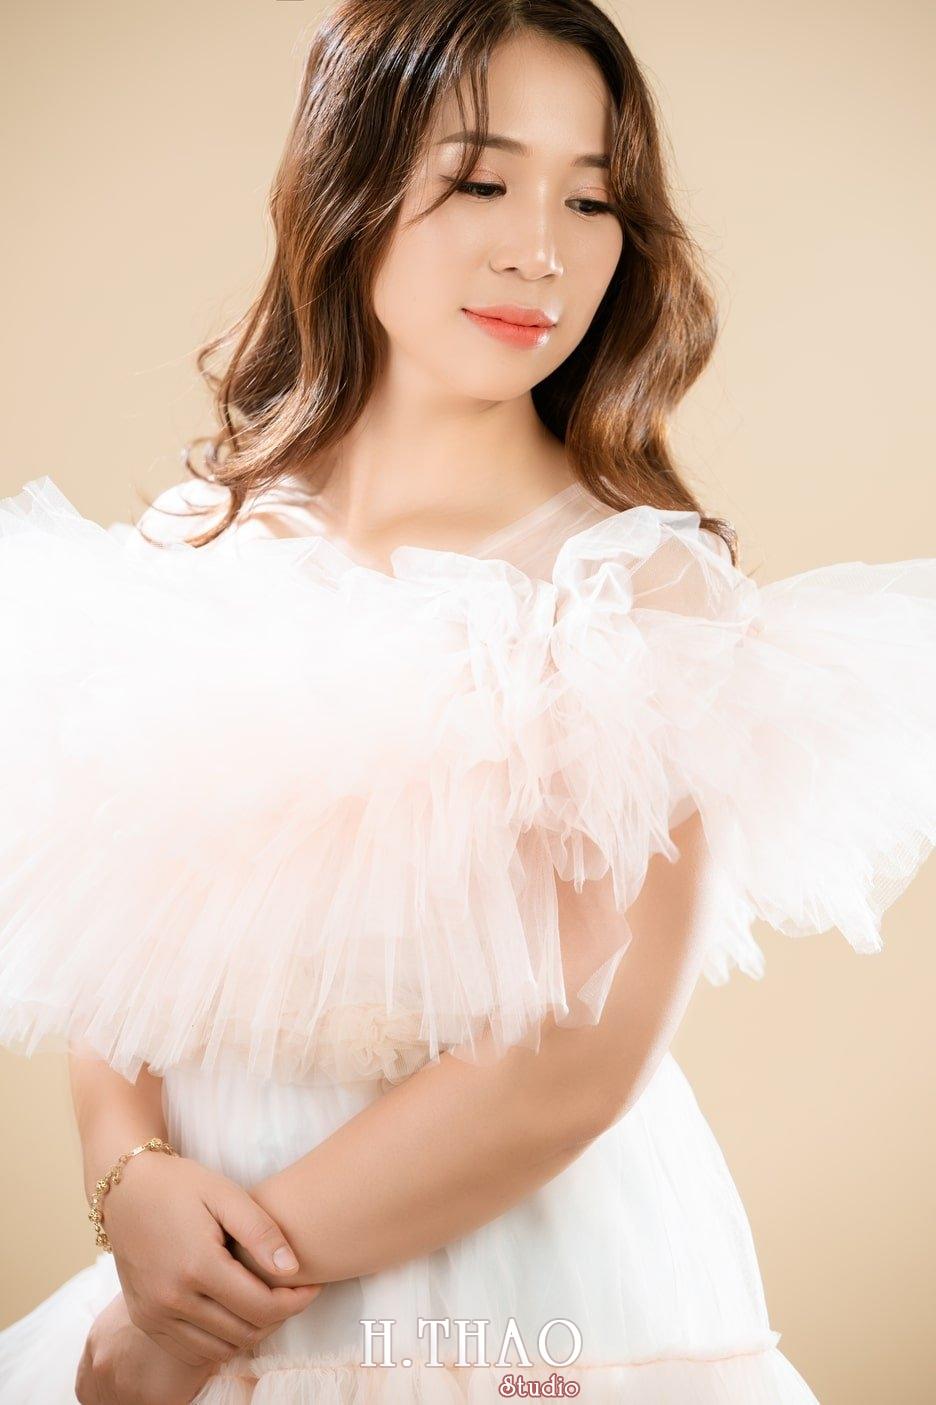 Anh Beauty 9 - Album ảnh beauty bé Sang đẹp nhẹ nhàng - HThao Studio